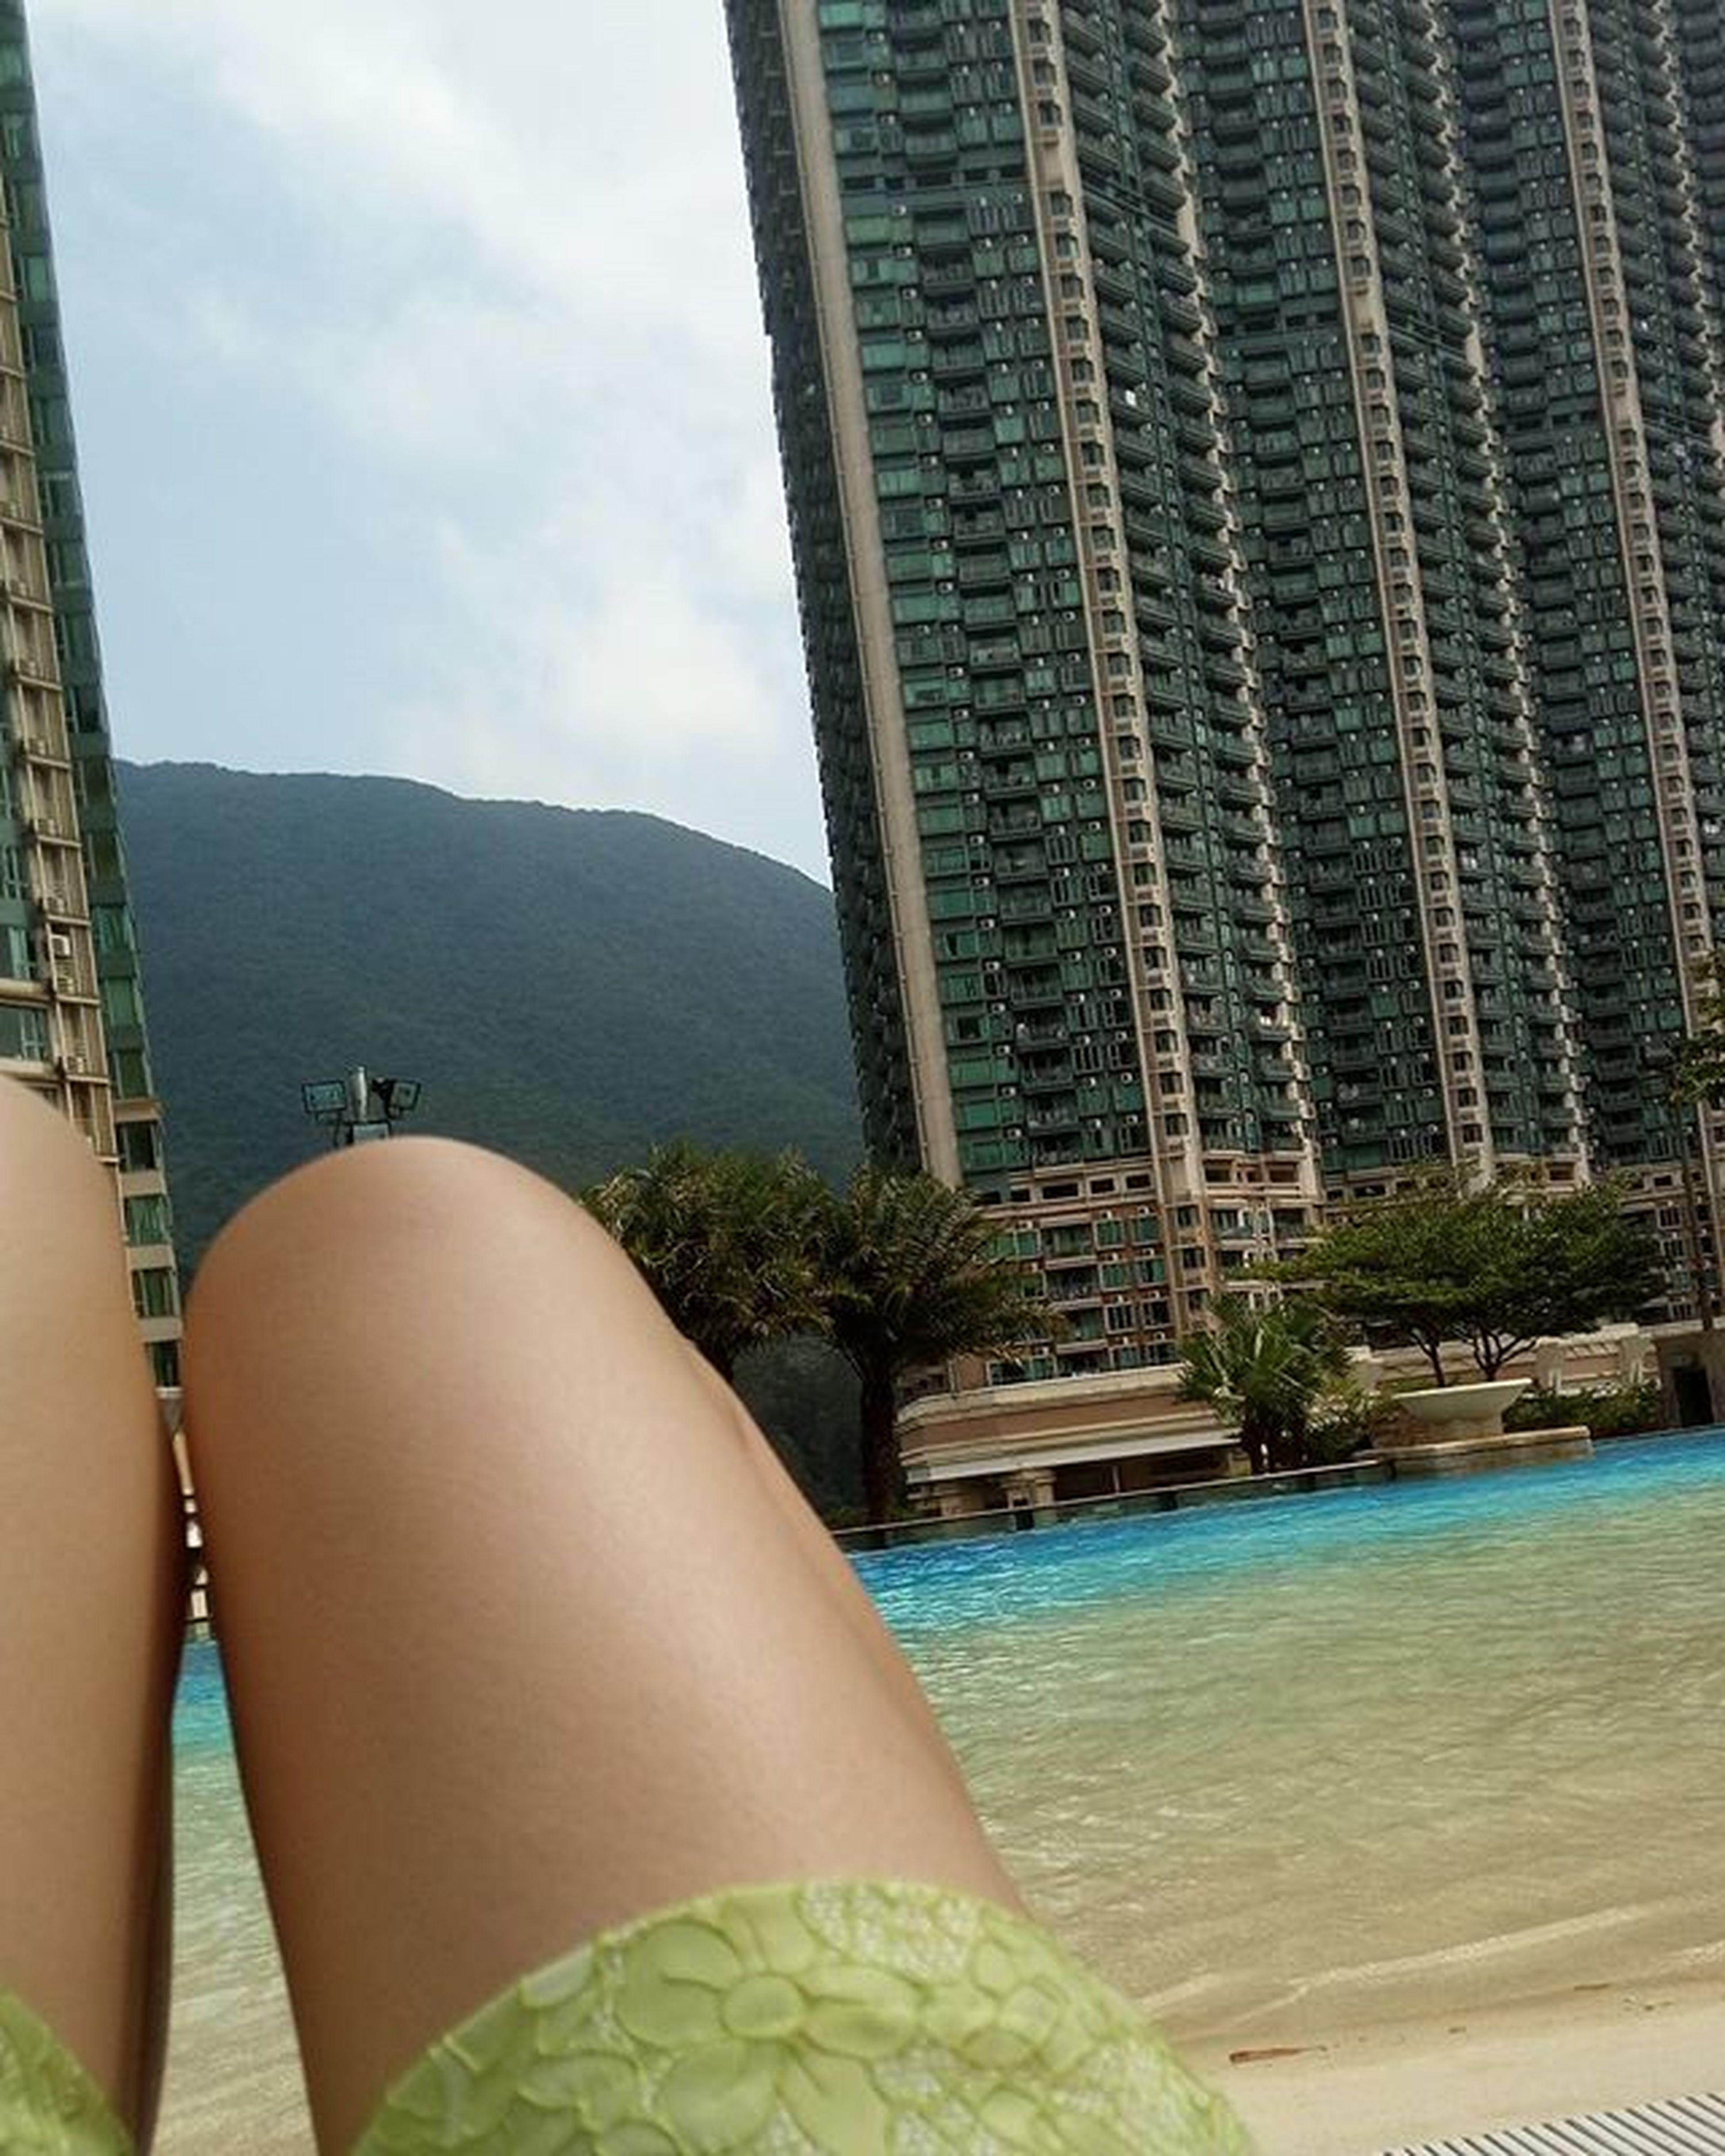 お家のプールで日光浴😎☀ このメンツ揃うと、つくづく行きたいとこ 閉まってる😂 今日の仕事は皆 スタンバイ なのにかだからか 日光浴 有意義な だらだら Suntan 日焼け しよう Coconuttanningoil 目の前は 山 今は慣れたけど 高層マンション 音楽はもちろん Kinkikids 雨のメロディ 好きだよ壊したいくらい いいね 香港